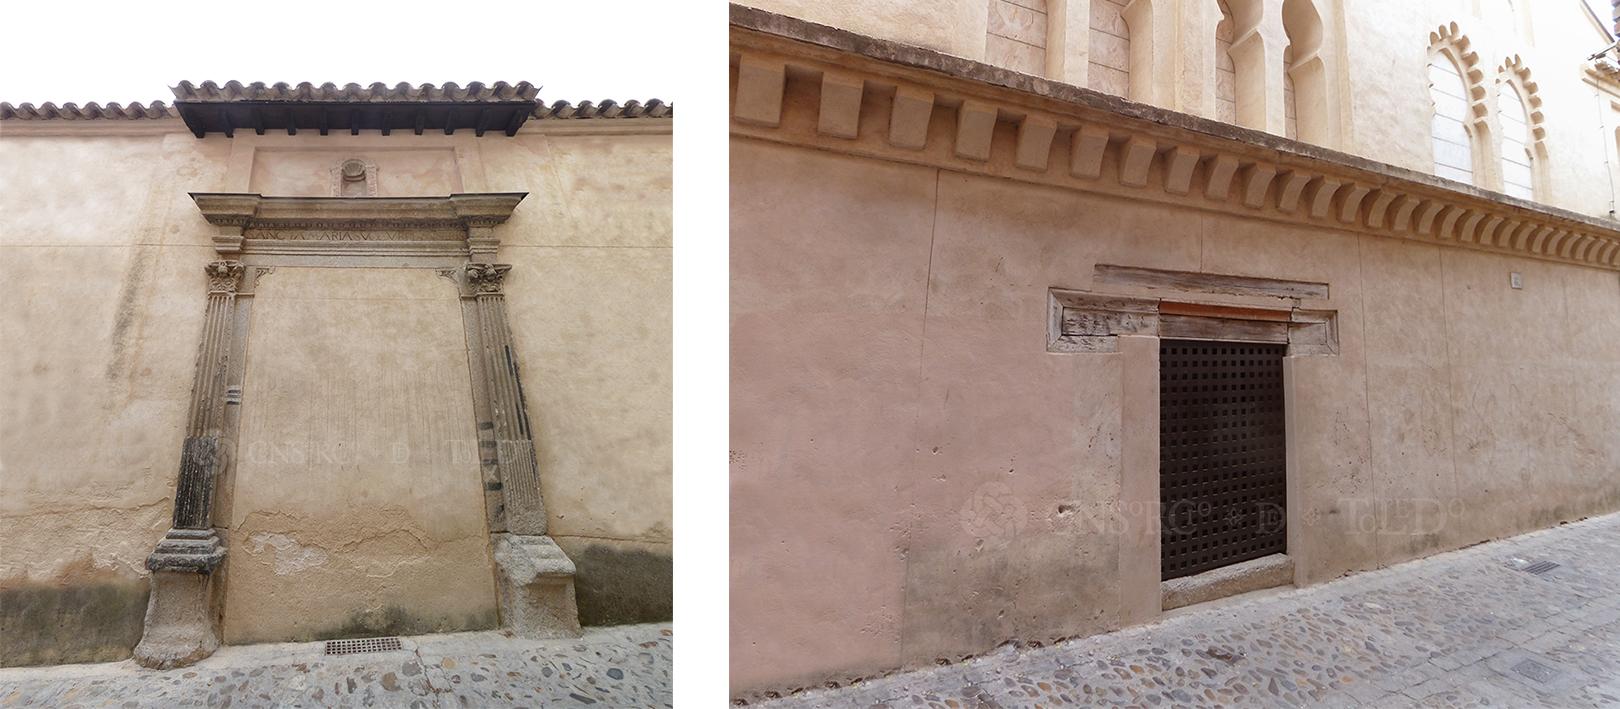 Mil puertas tabicadas (II). Calle Santa María la Blanca, Toledo